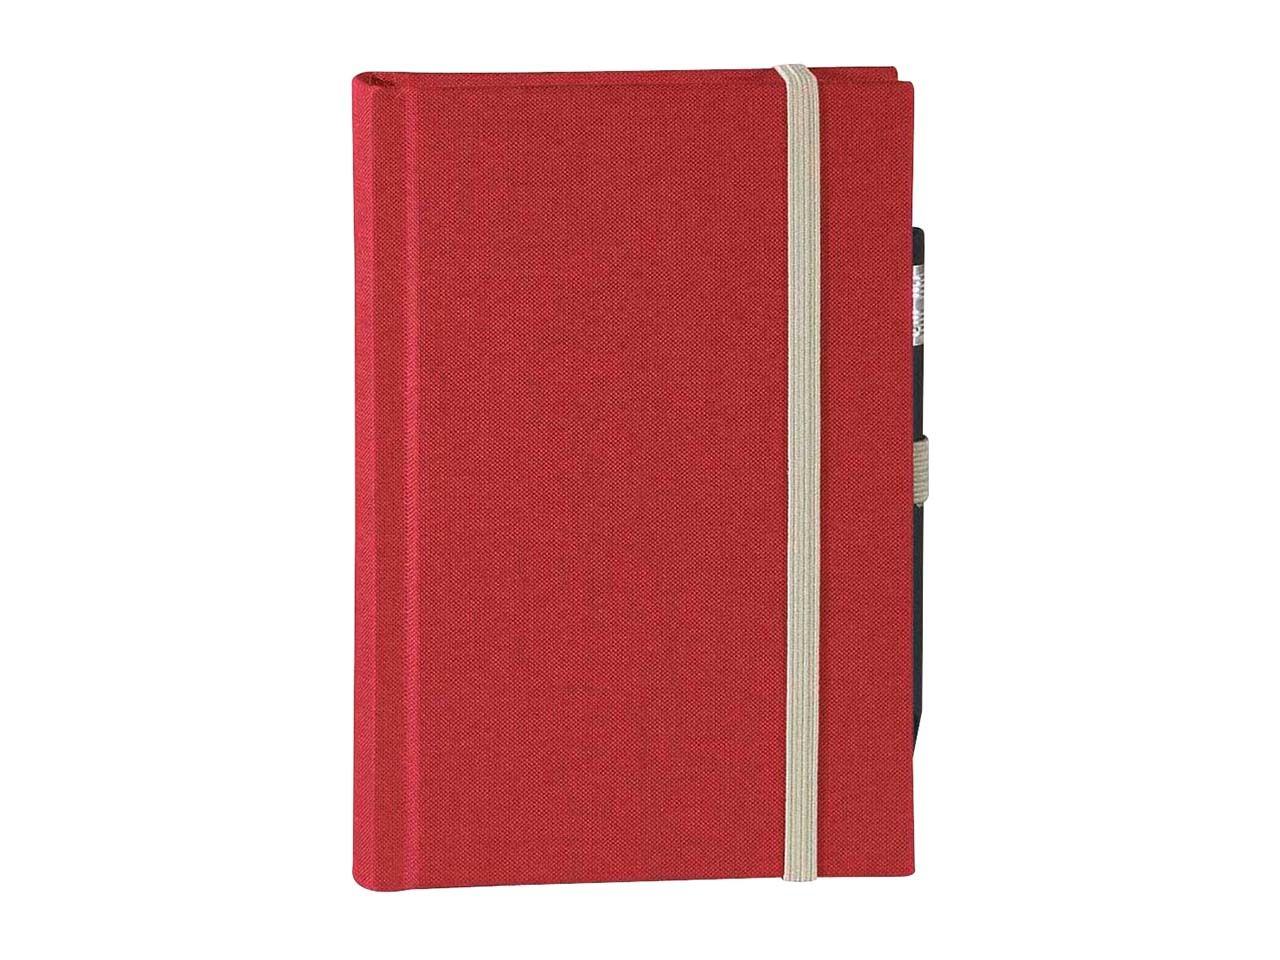 memo Skizzenbuch Leinen A6, (B 92 X H 134 mm) rot, 160 Seiten, Zeichenband,1 0164